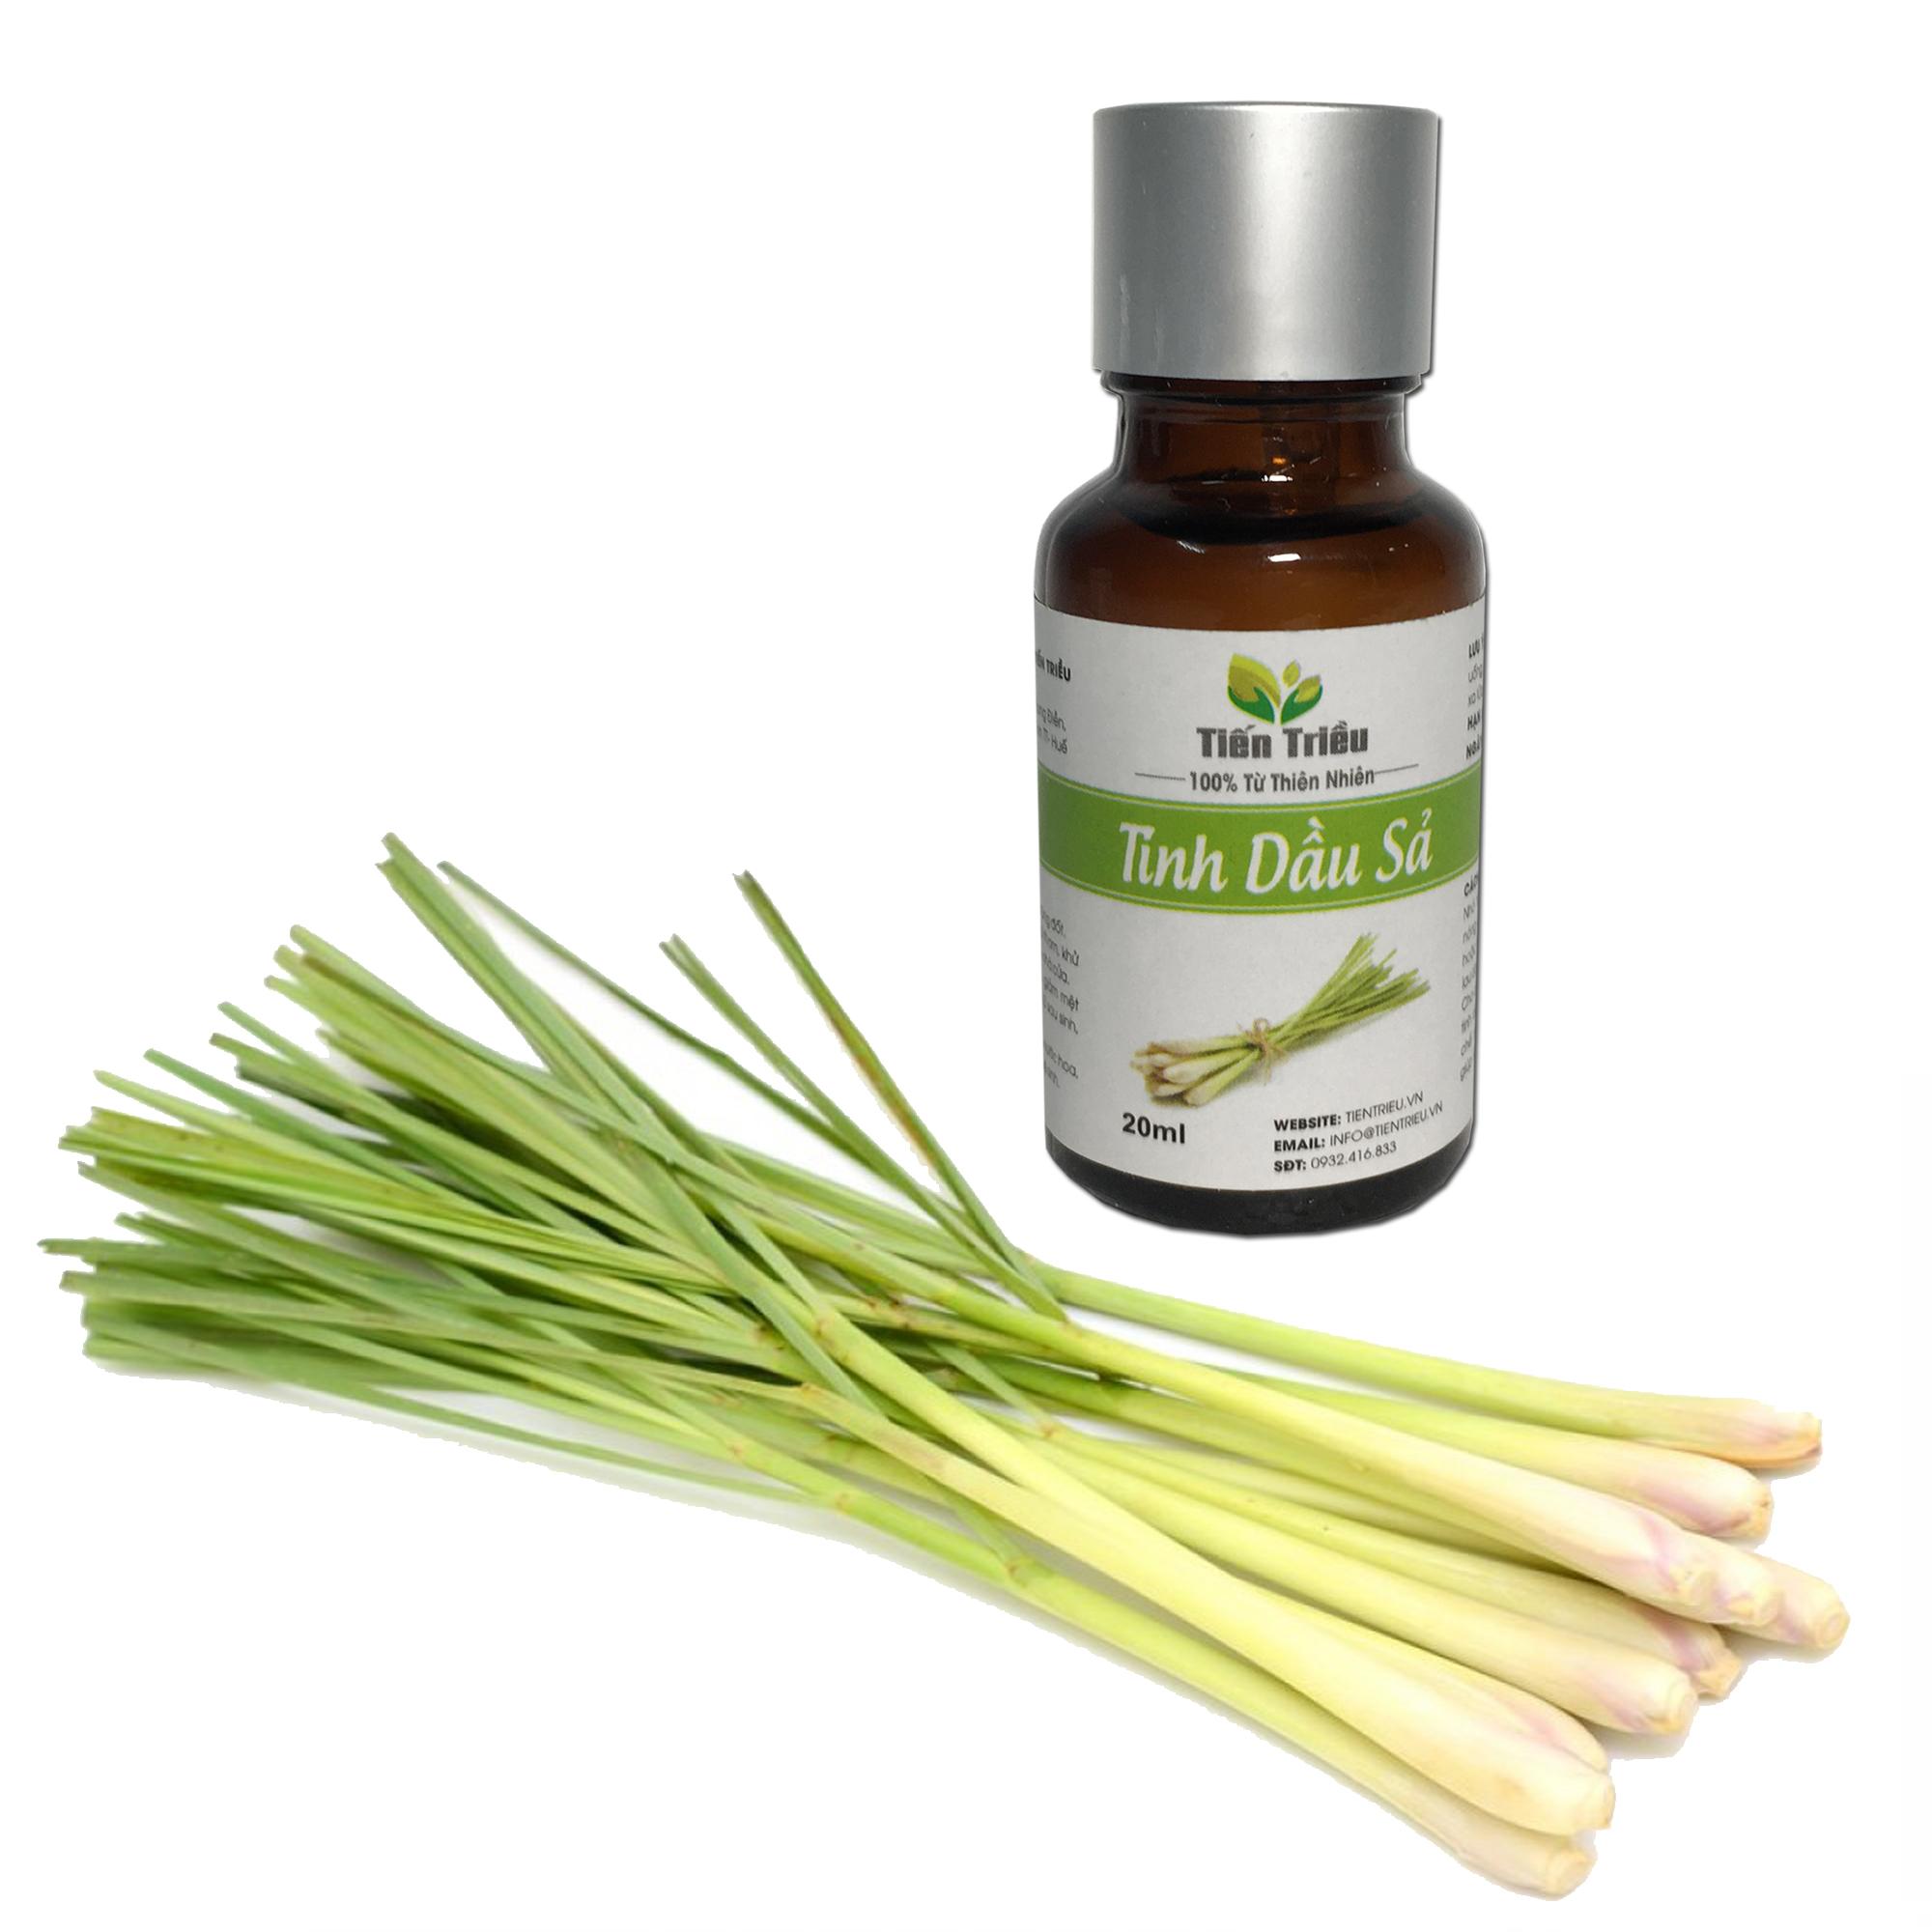 Tinh dầu sả nguyên chất Tiến Triều 20ml - Giúp xông phòng, khửi mùi, kháng khuẩn, đuổi muỗi...